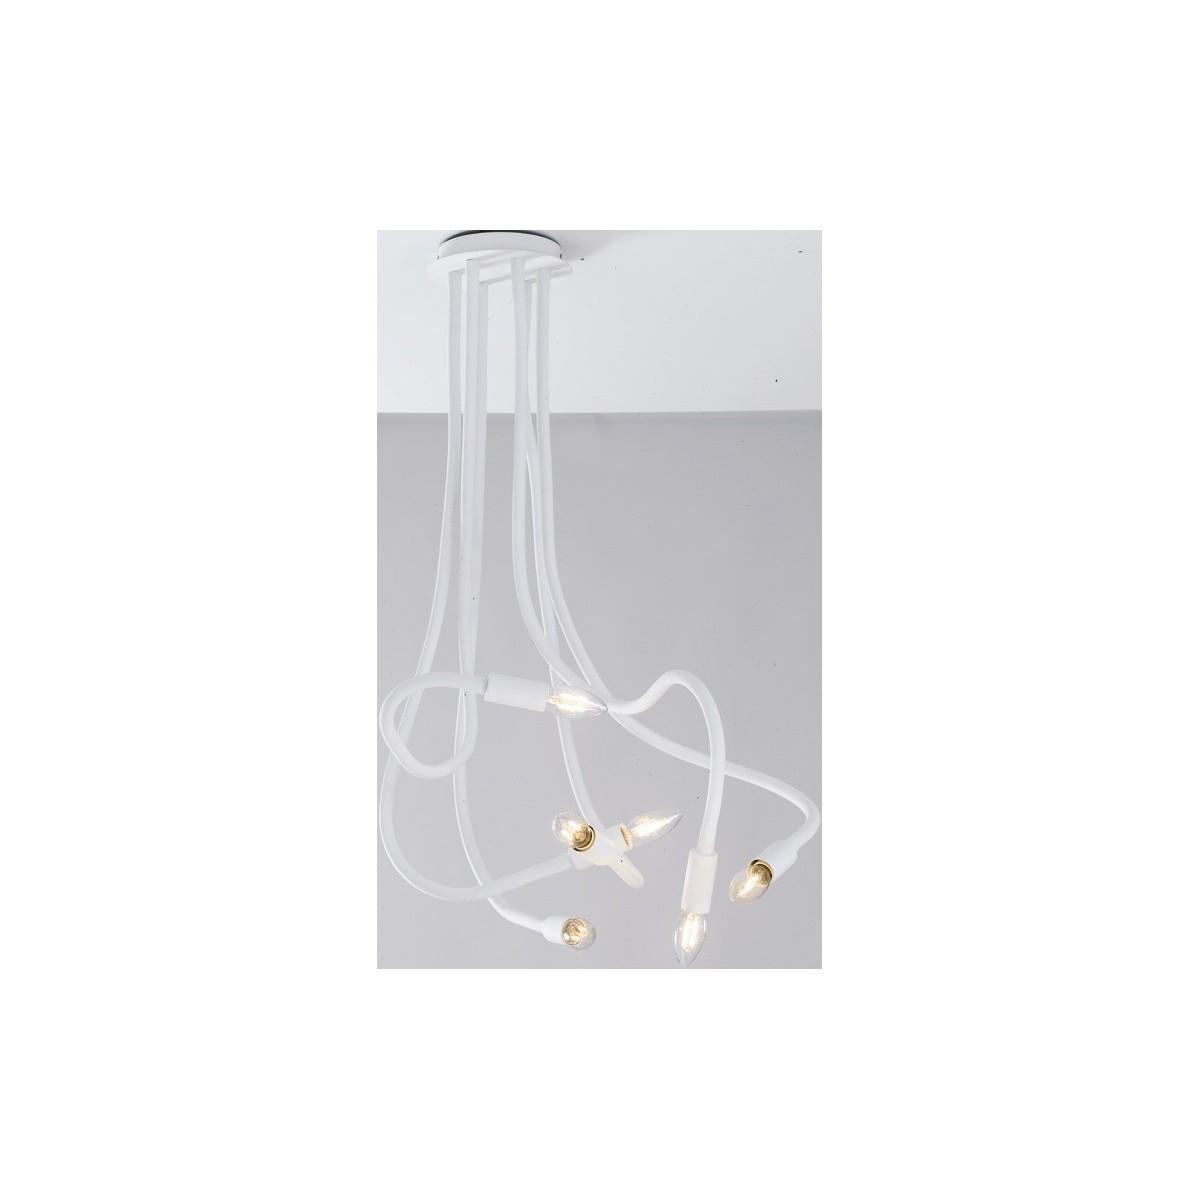 I-LOVER-6-BCO - Plafoniera 6 luci Flessibile Metallo Silicone Bianco Soffitto Moderna E14